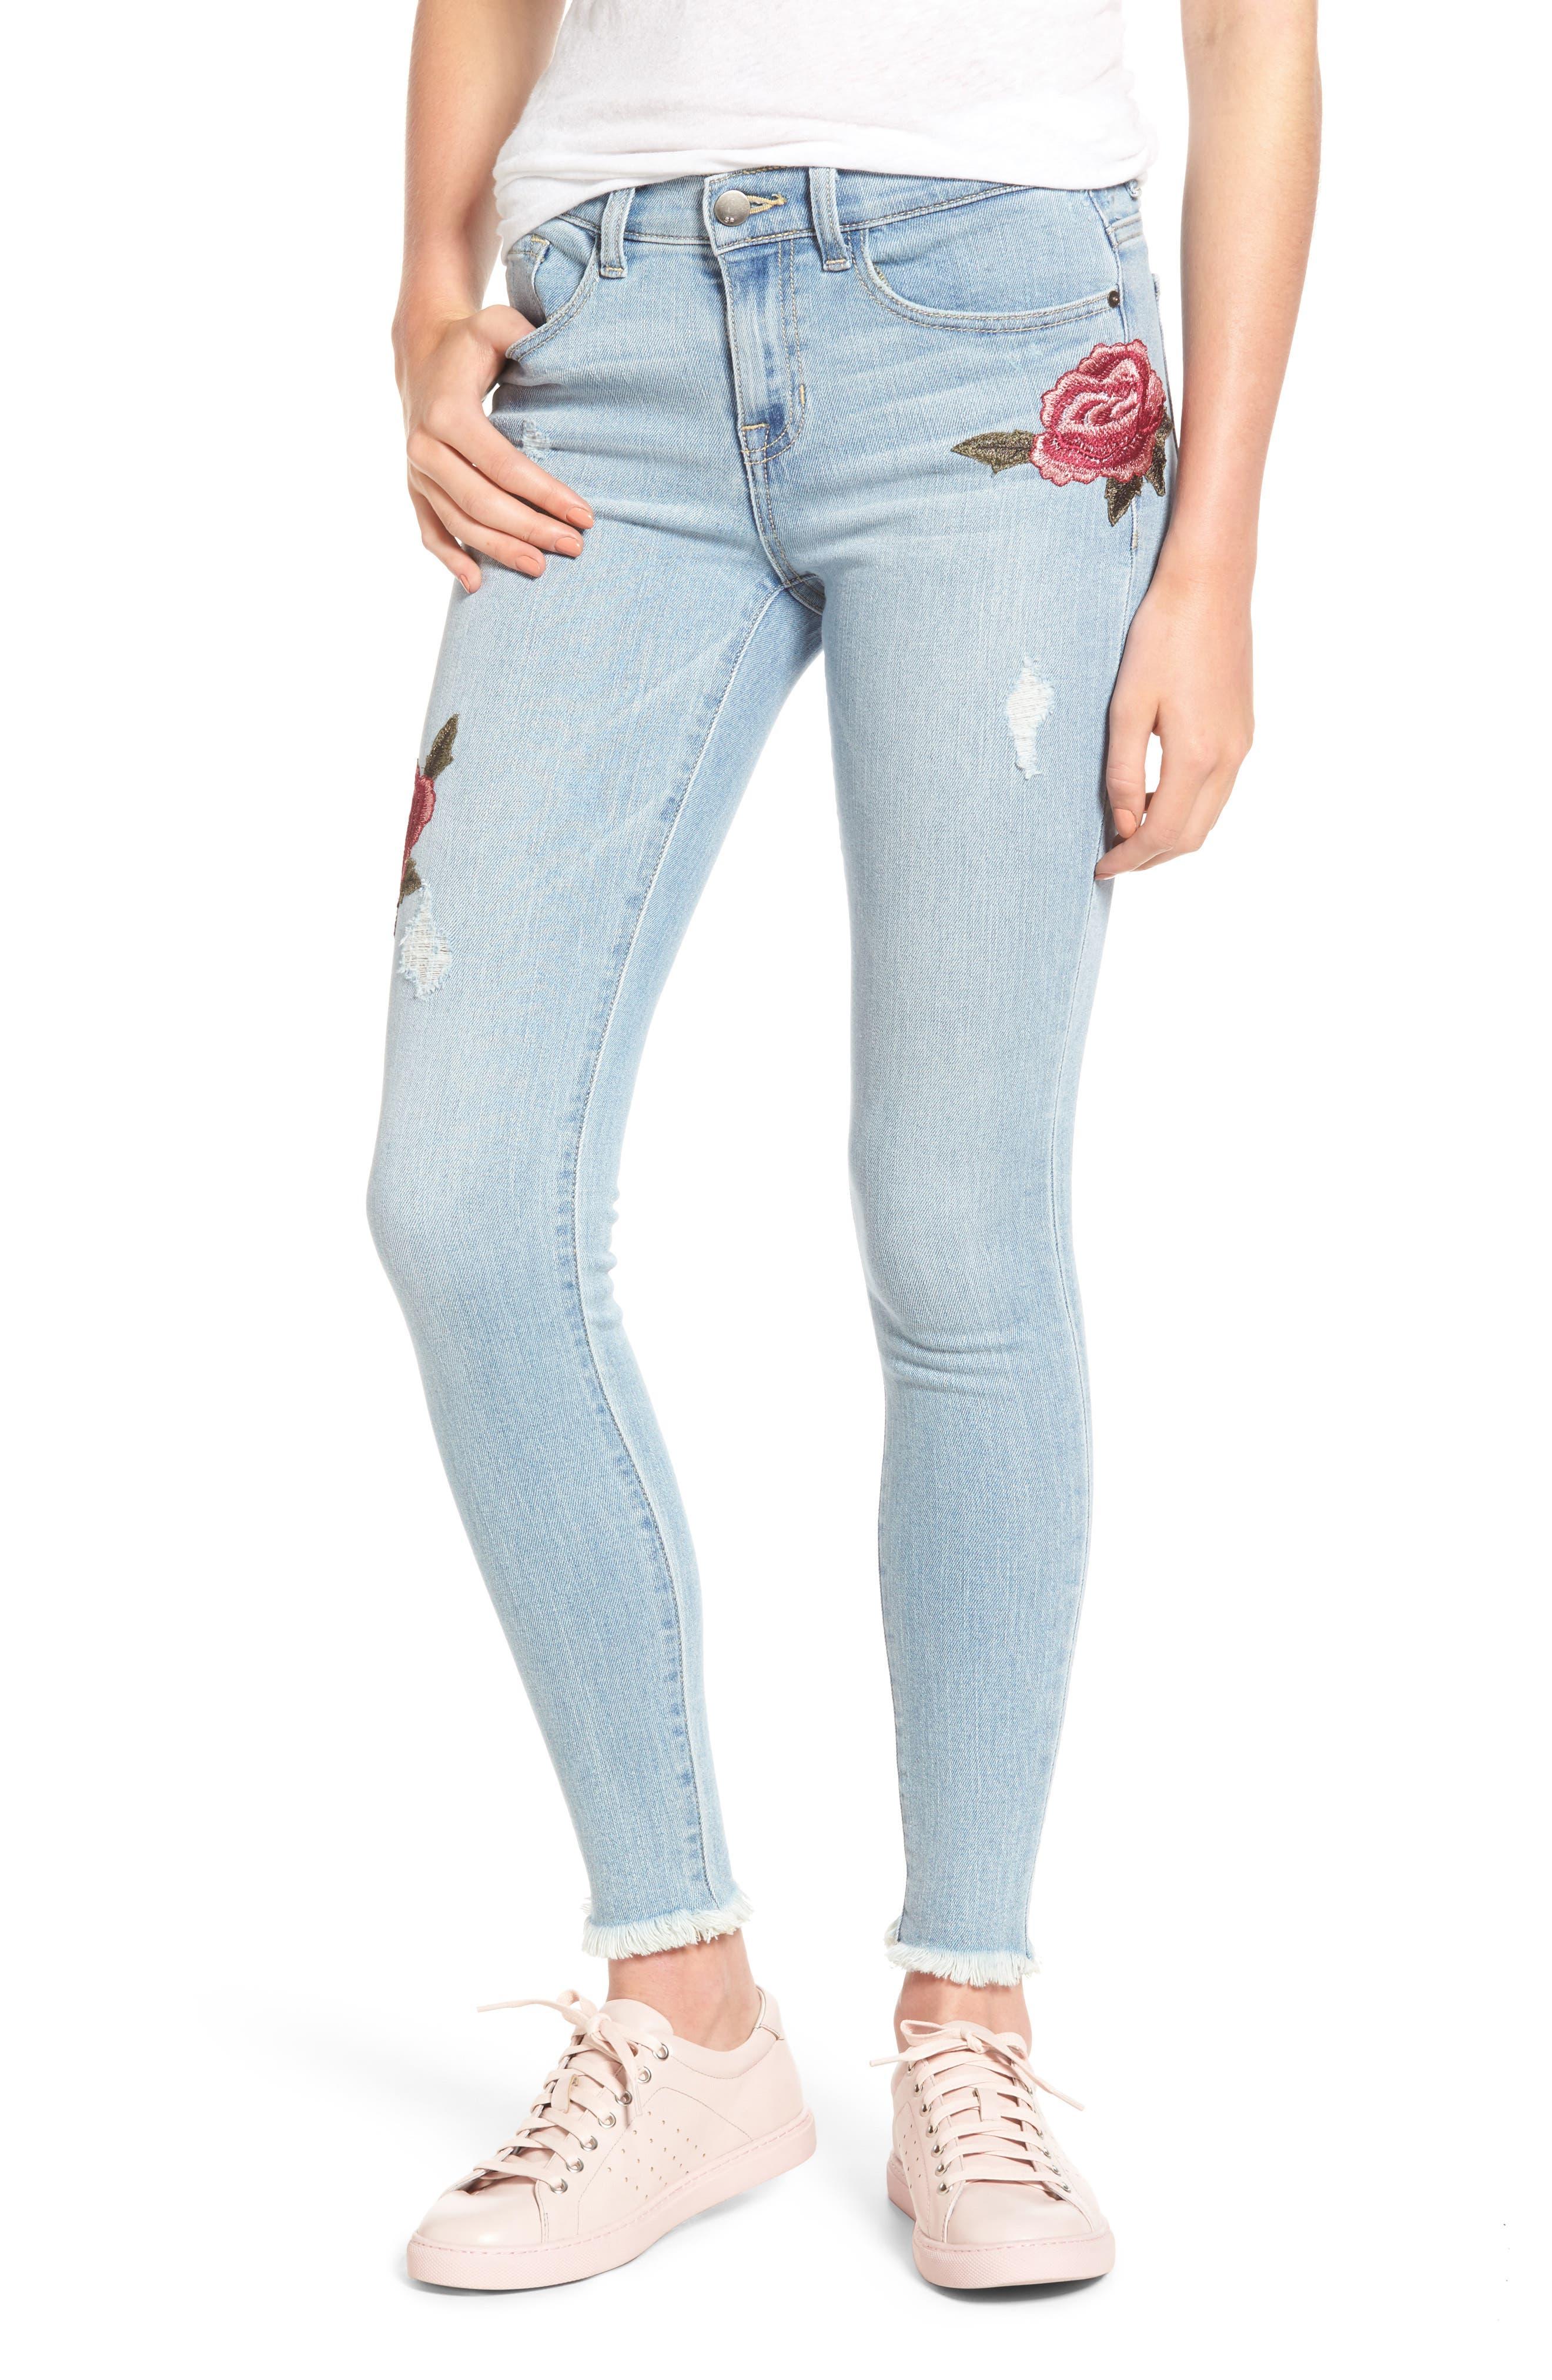 SP Black Floral Embroidered Skinny Jeans